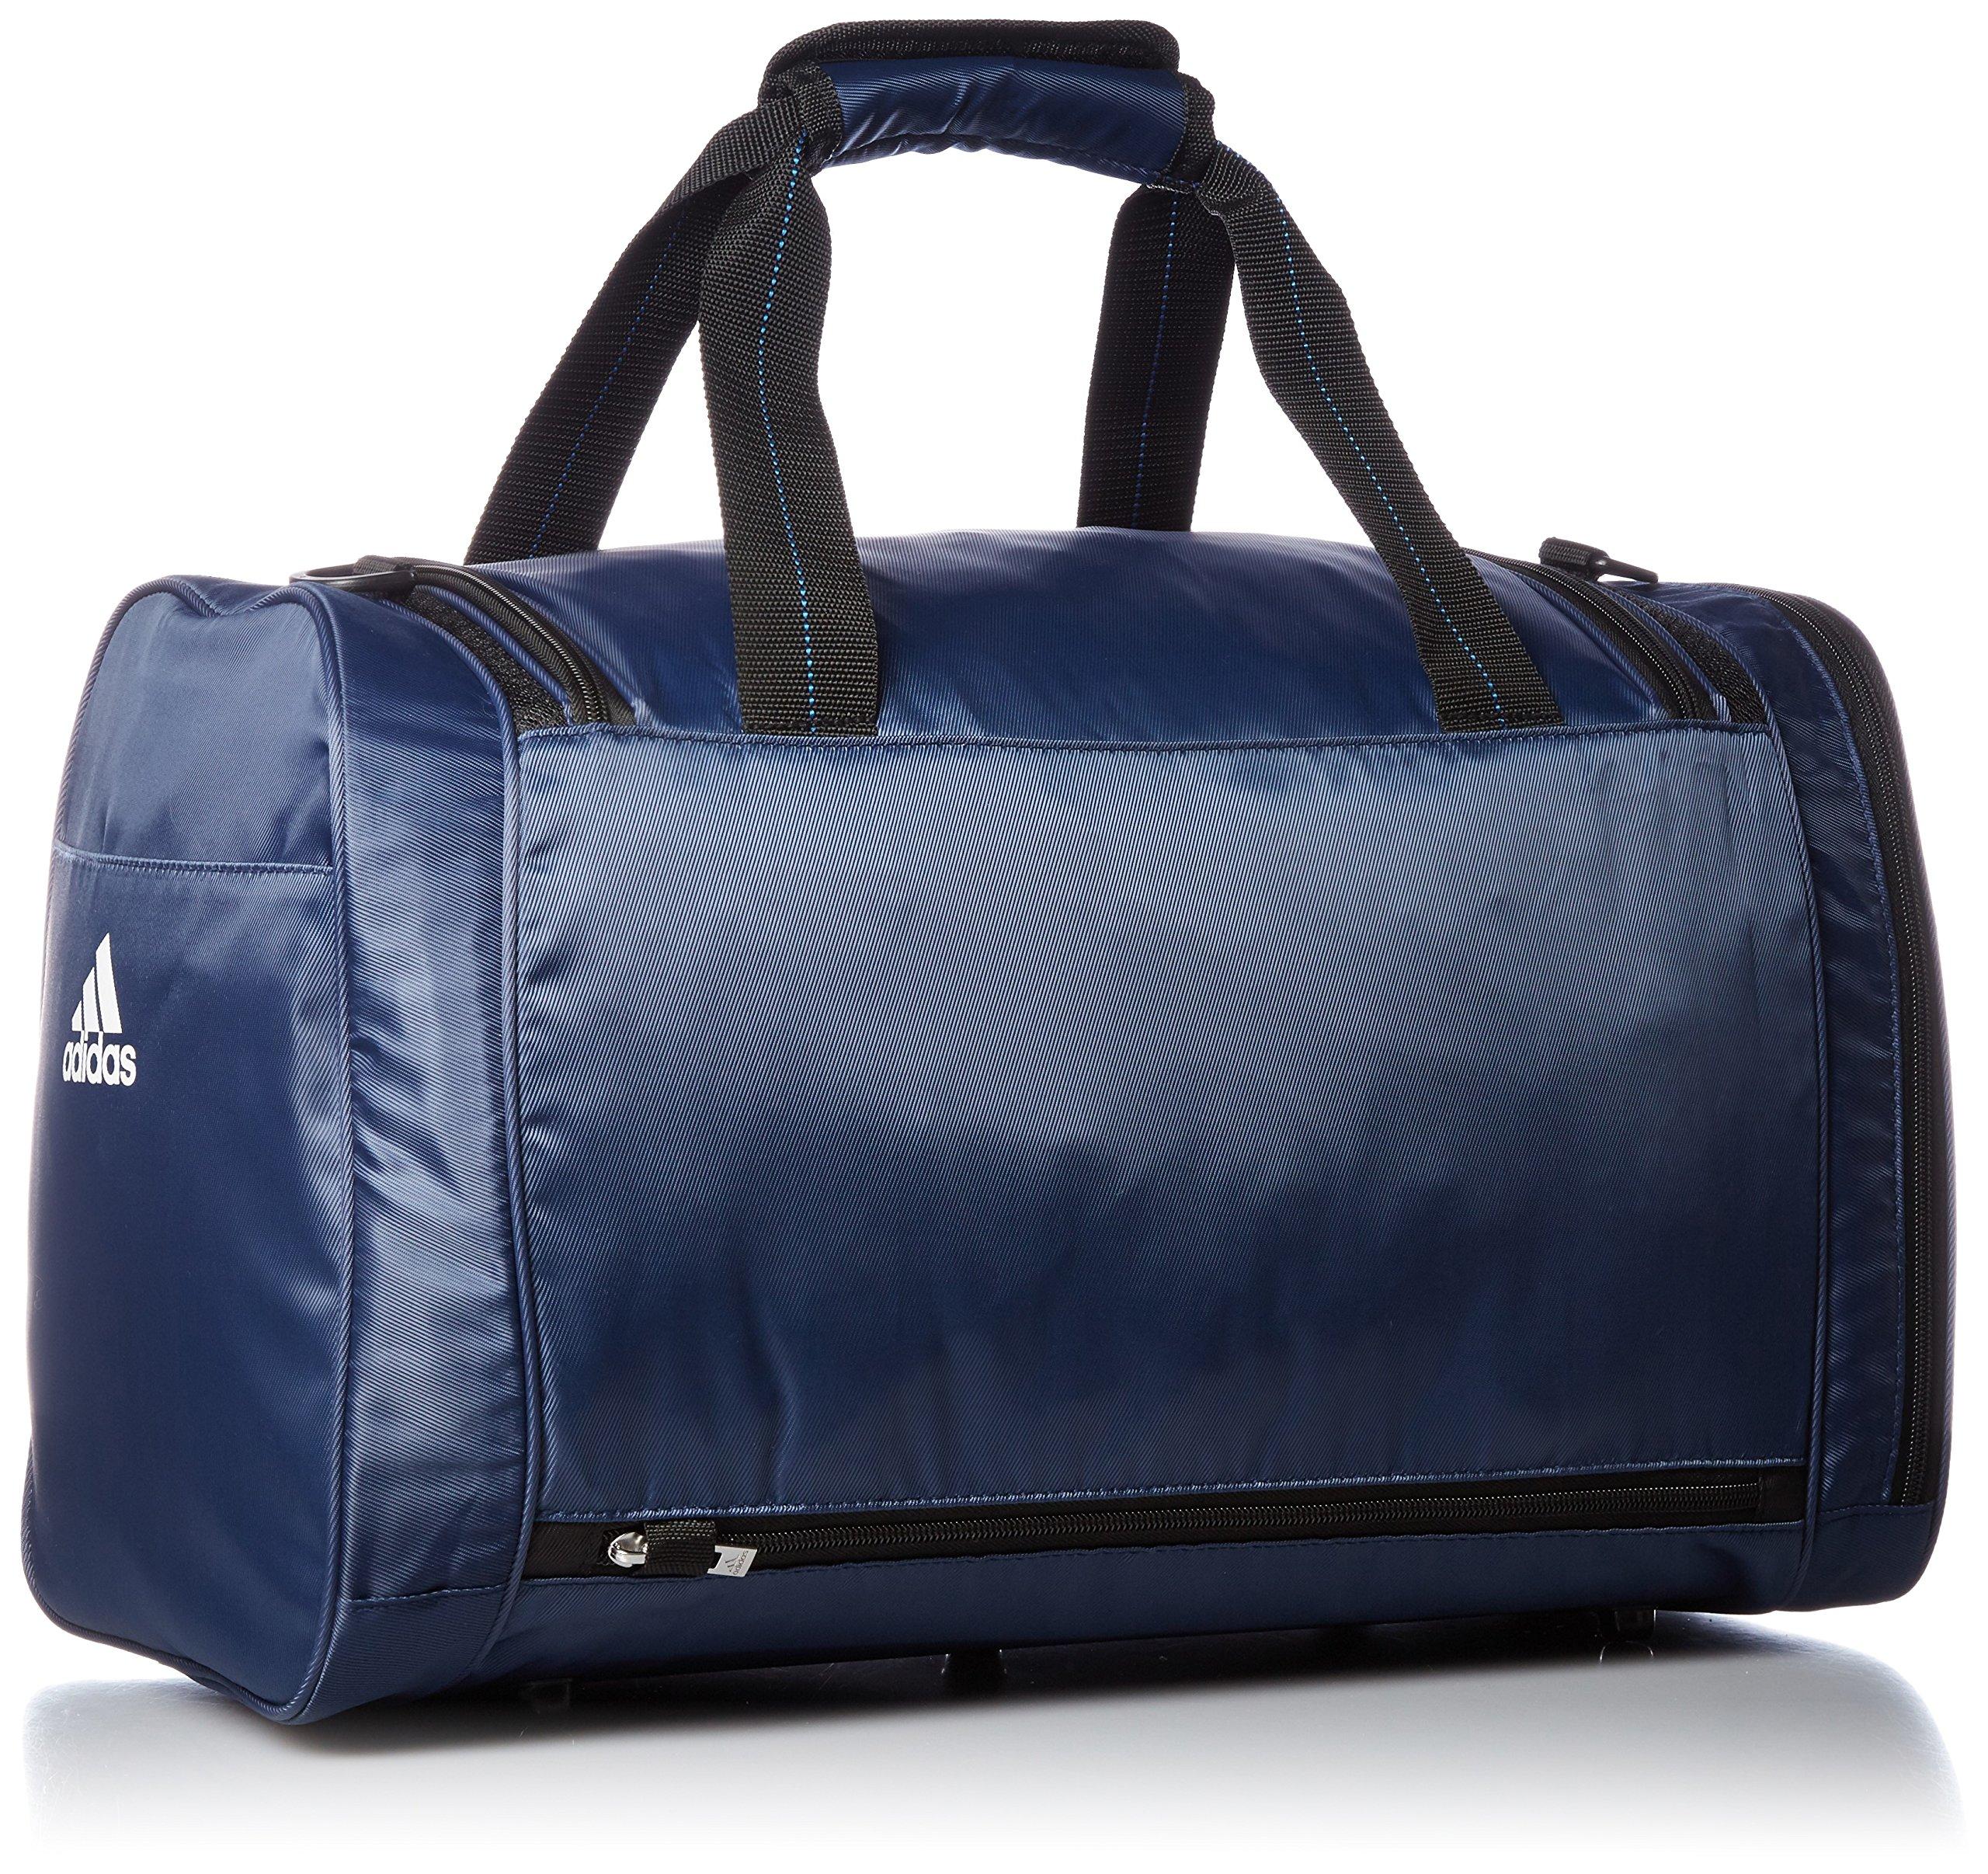 [Adidas Golf] Boston Bag 4 Deodorant Name awr93 by adidas (Image #2)